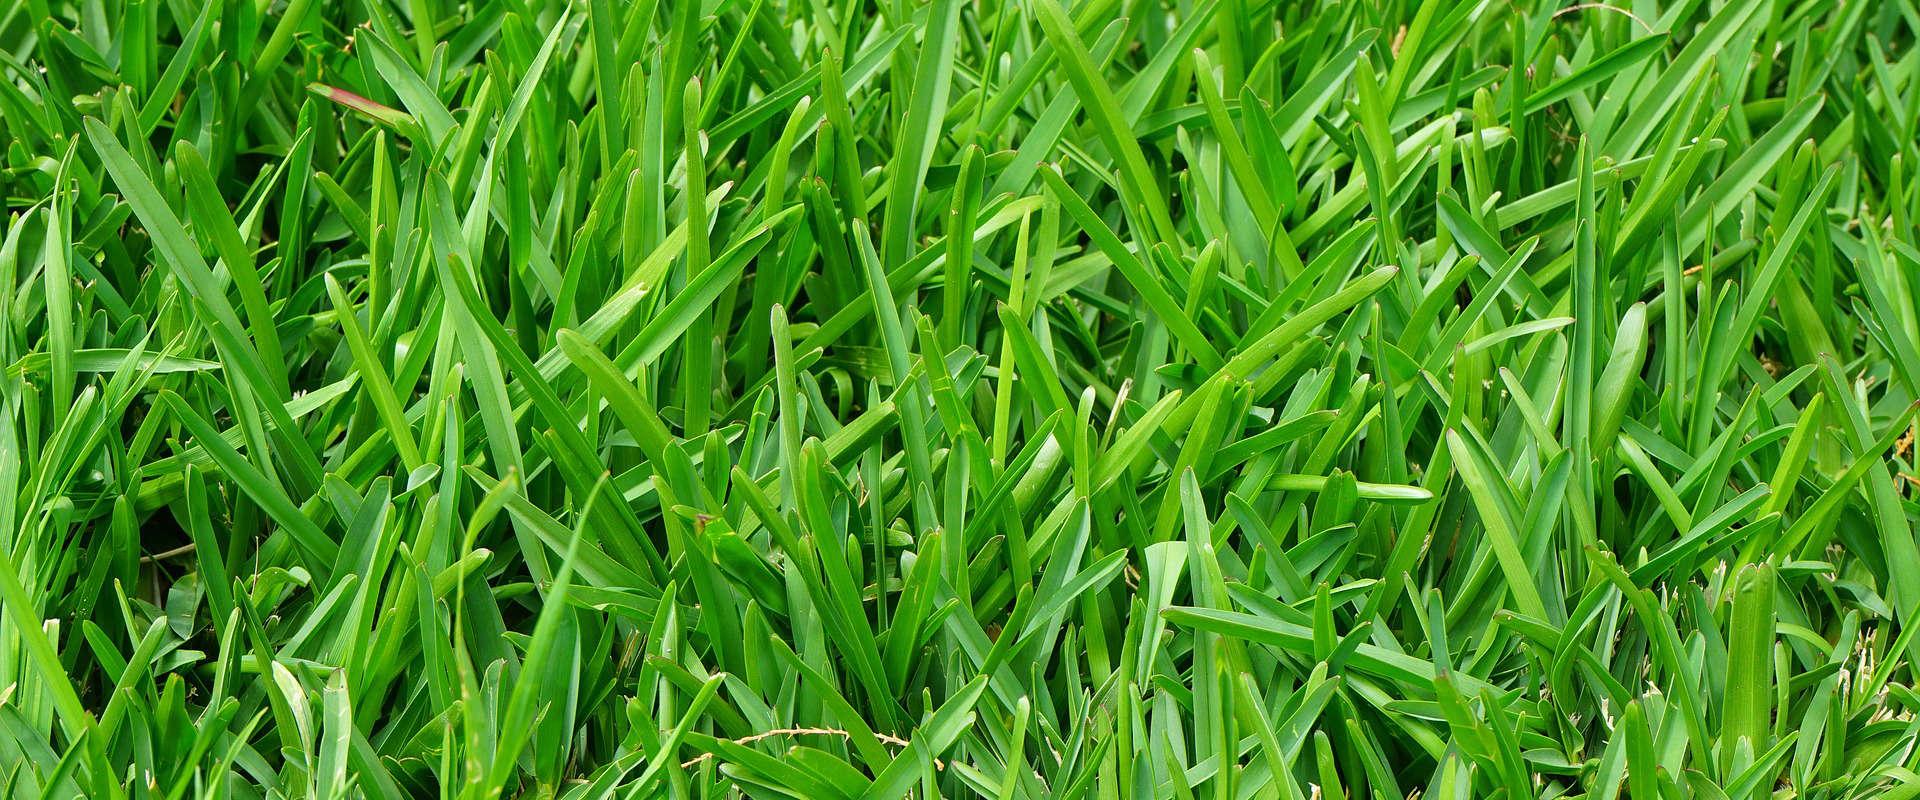 Prix pour traitement de la pelouse